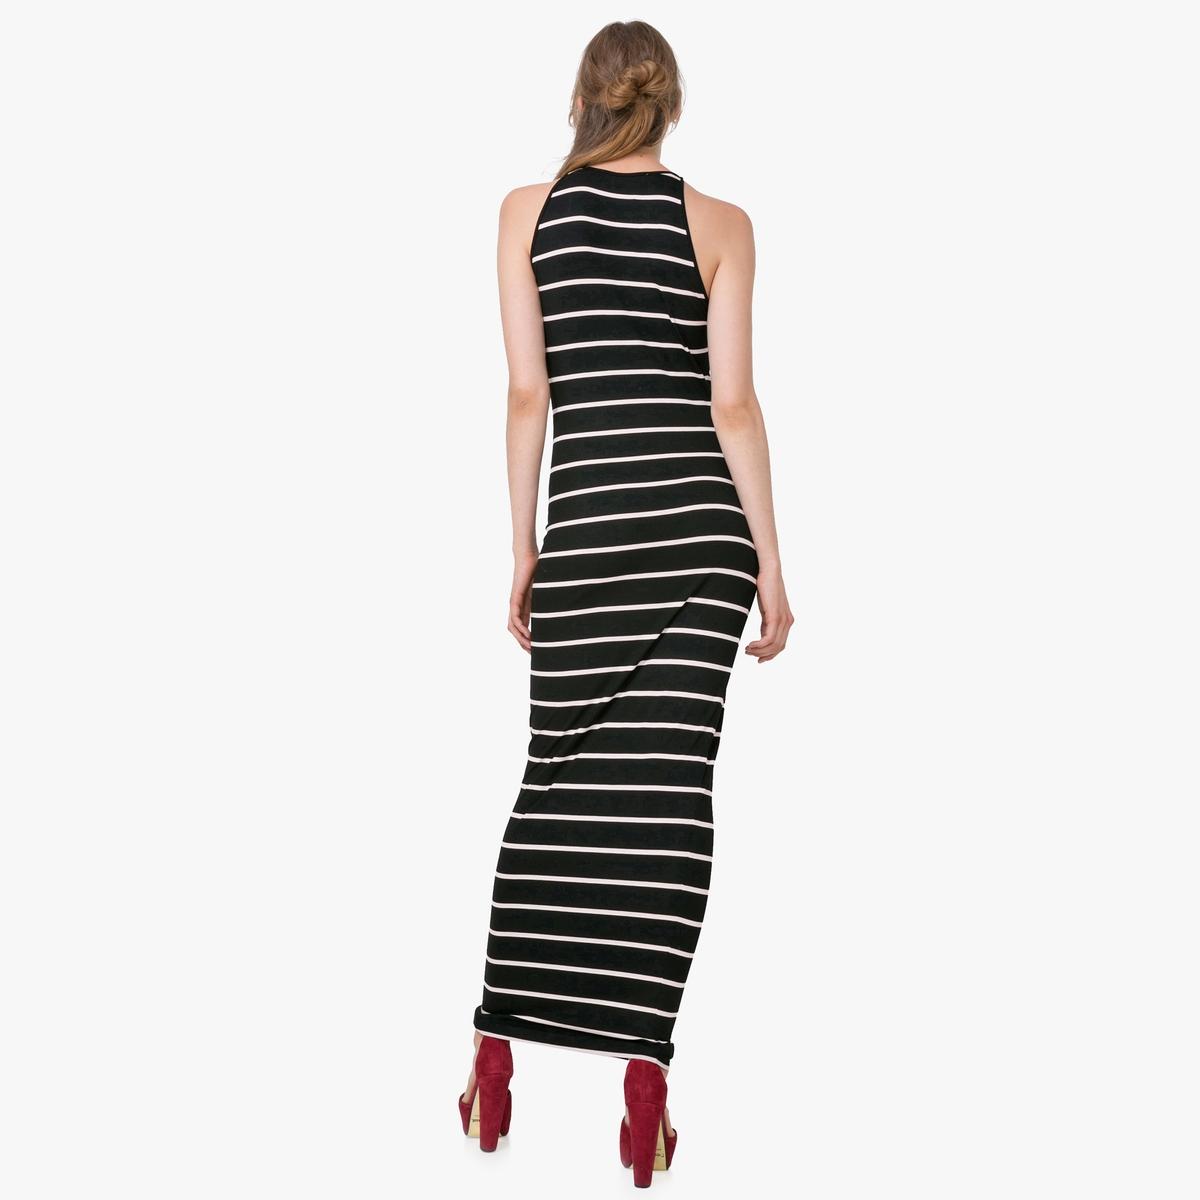 Платье длинное без рукавов с рисунком в полоскуМатериал : 92% вискозы, 8% эластана  Длина рукава : без рукавов  Форма воротника : круглый вырез Покрой платья : длинное платье Рисунок : в полоску   Длина платья : длинное<br><br>Цвет: черный